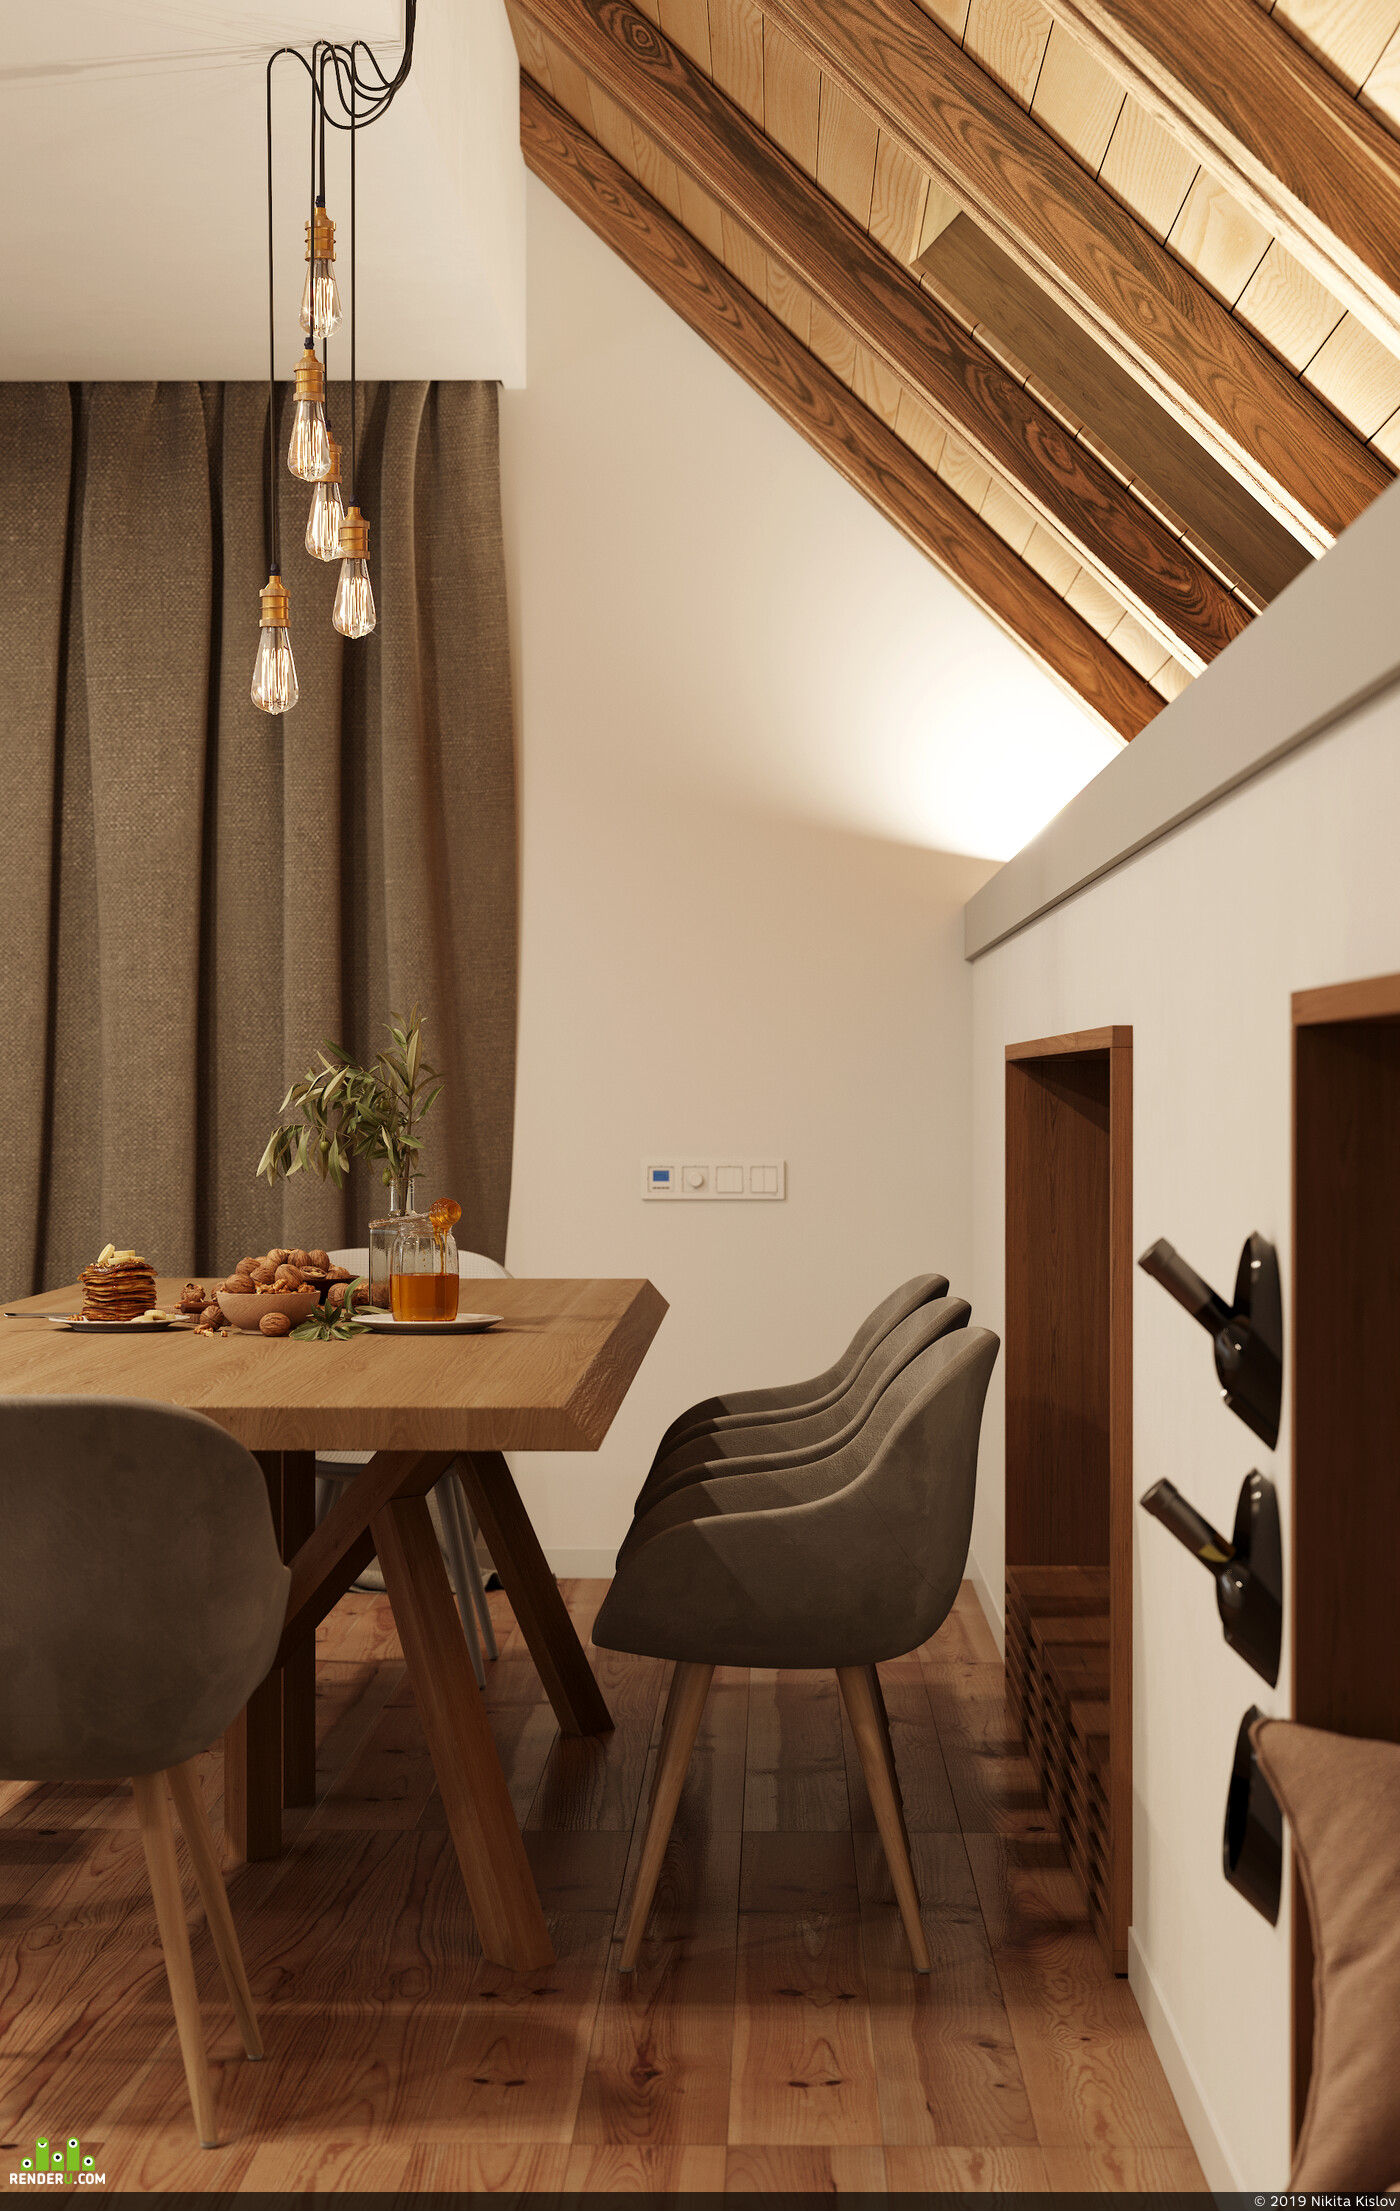 кухня, светлая кухня, interior interior design design 3D 3D Studio Max 3D архитектура интерьер дизайн интерьера интерьер, visualization